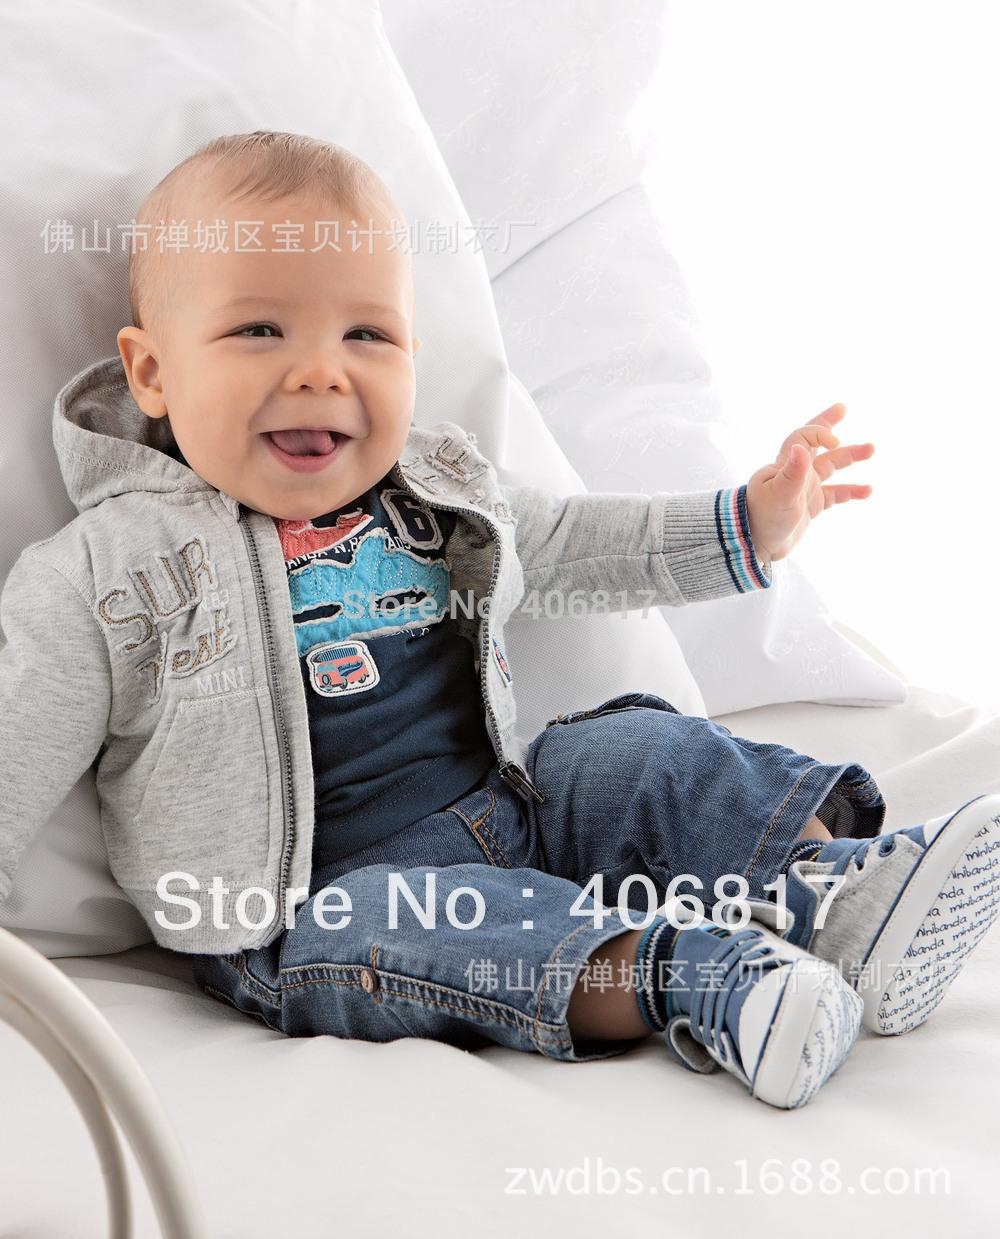 Neuankömmling drei- Stück Kind junge anzug mit kapuze coat+long Ärmel t shirt+jeans hosen kinderbekleidung junge frei versand